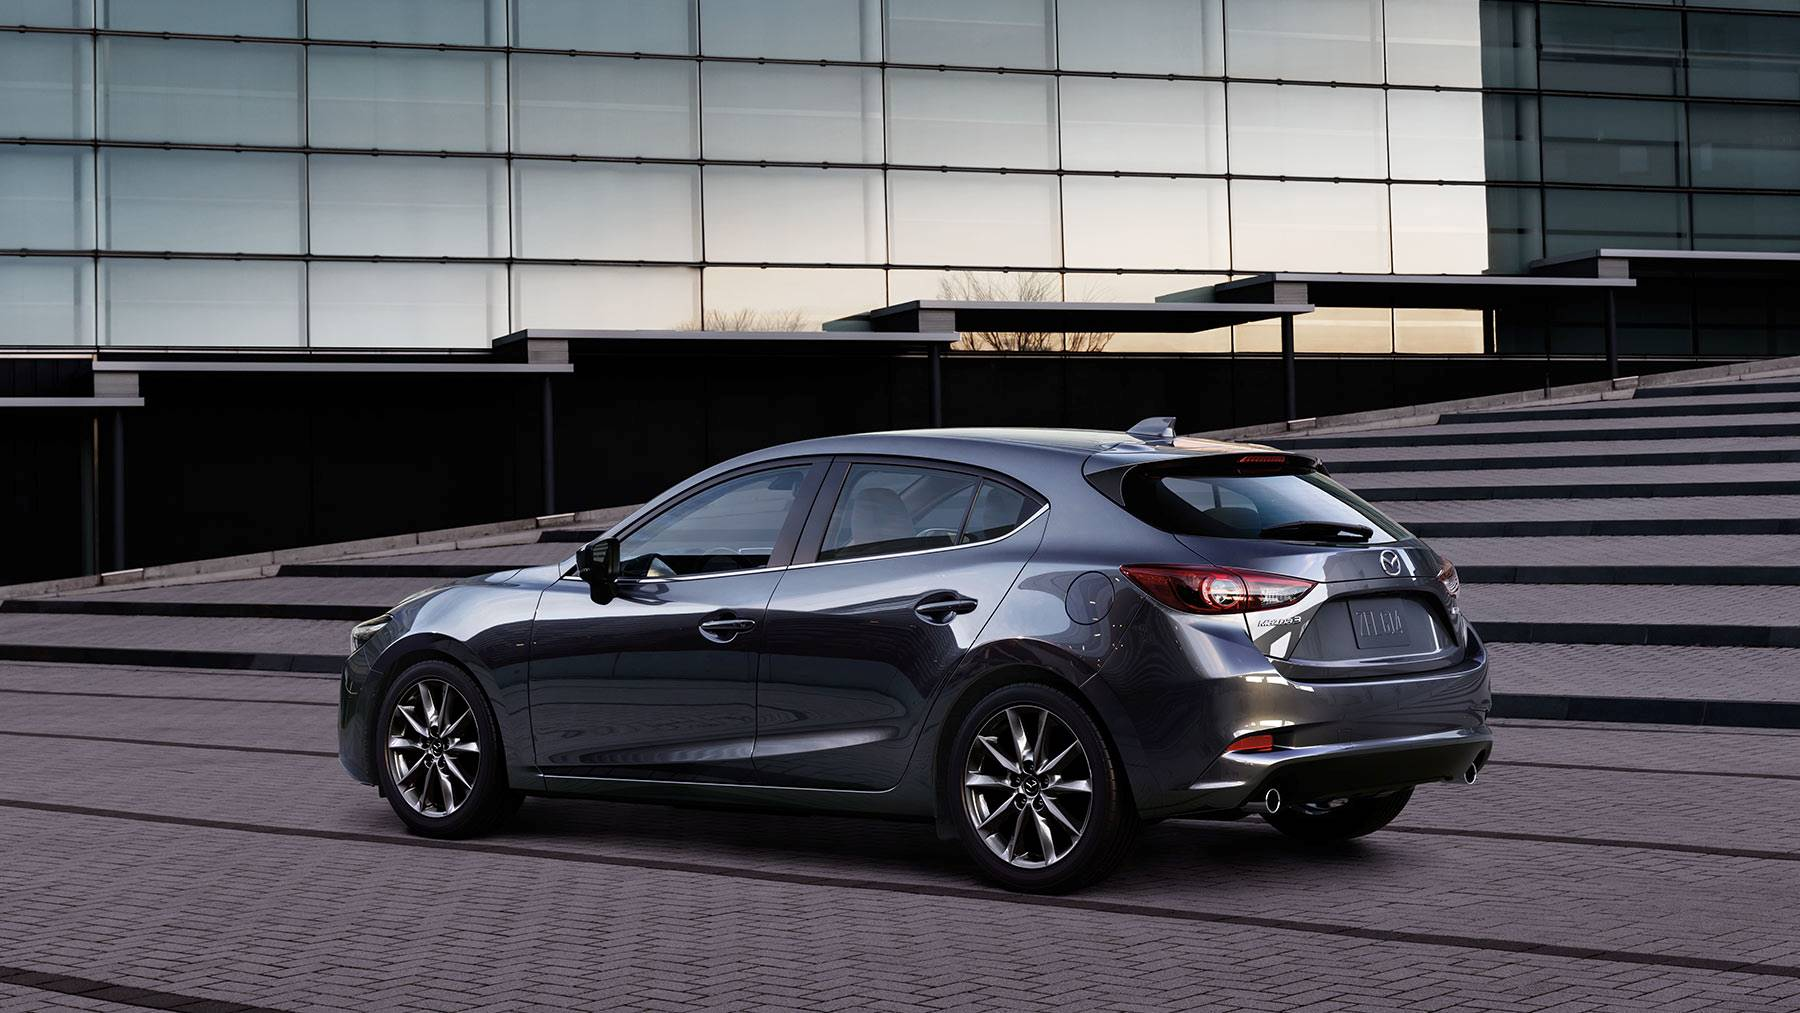 Kelebihan Harga Mazda 2 2018 Top Model Tahun Ini